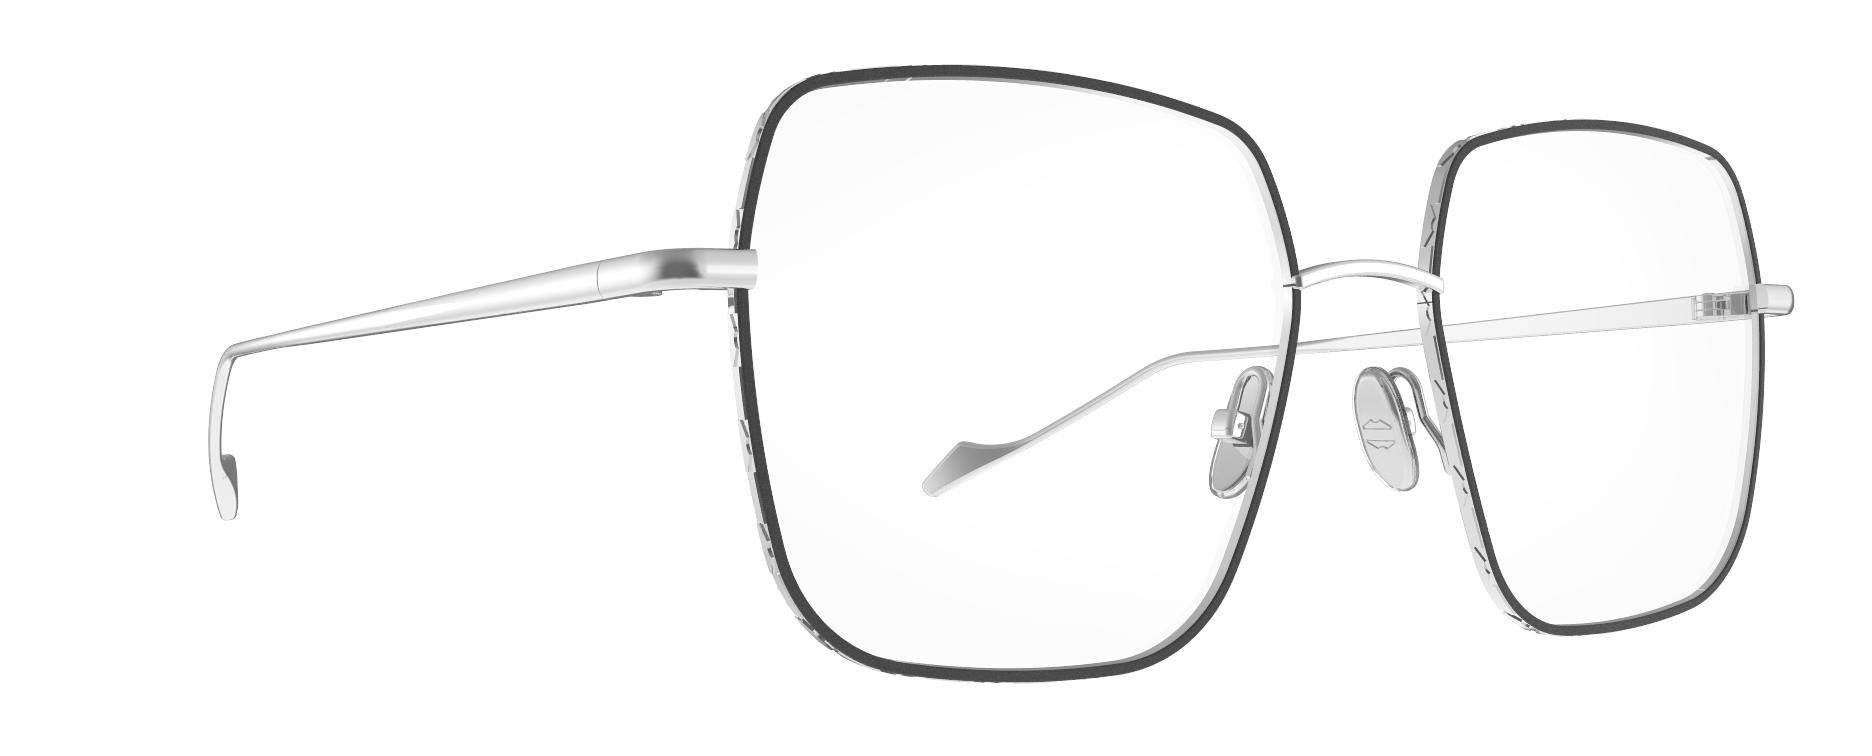 occhiali-da-sole-uomo-vintage